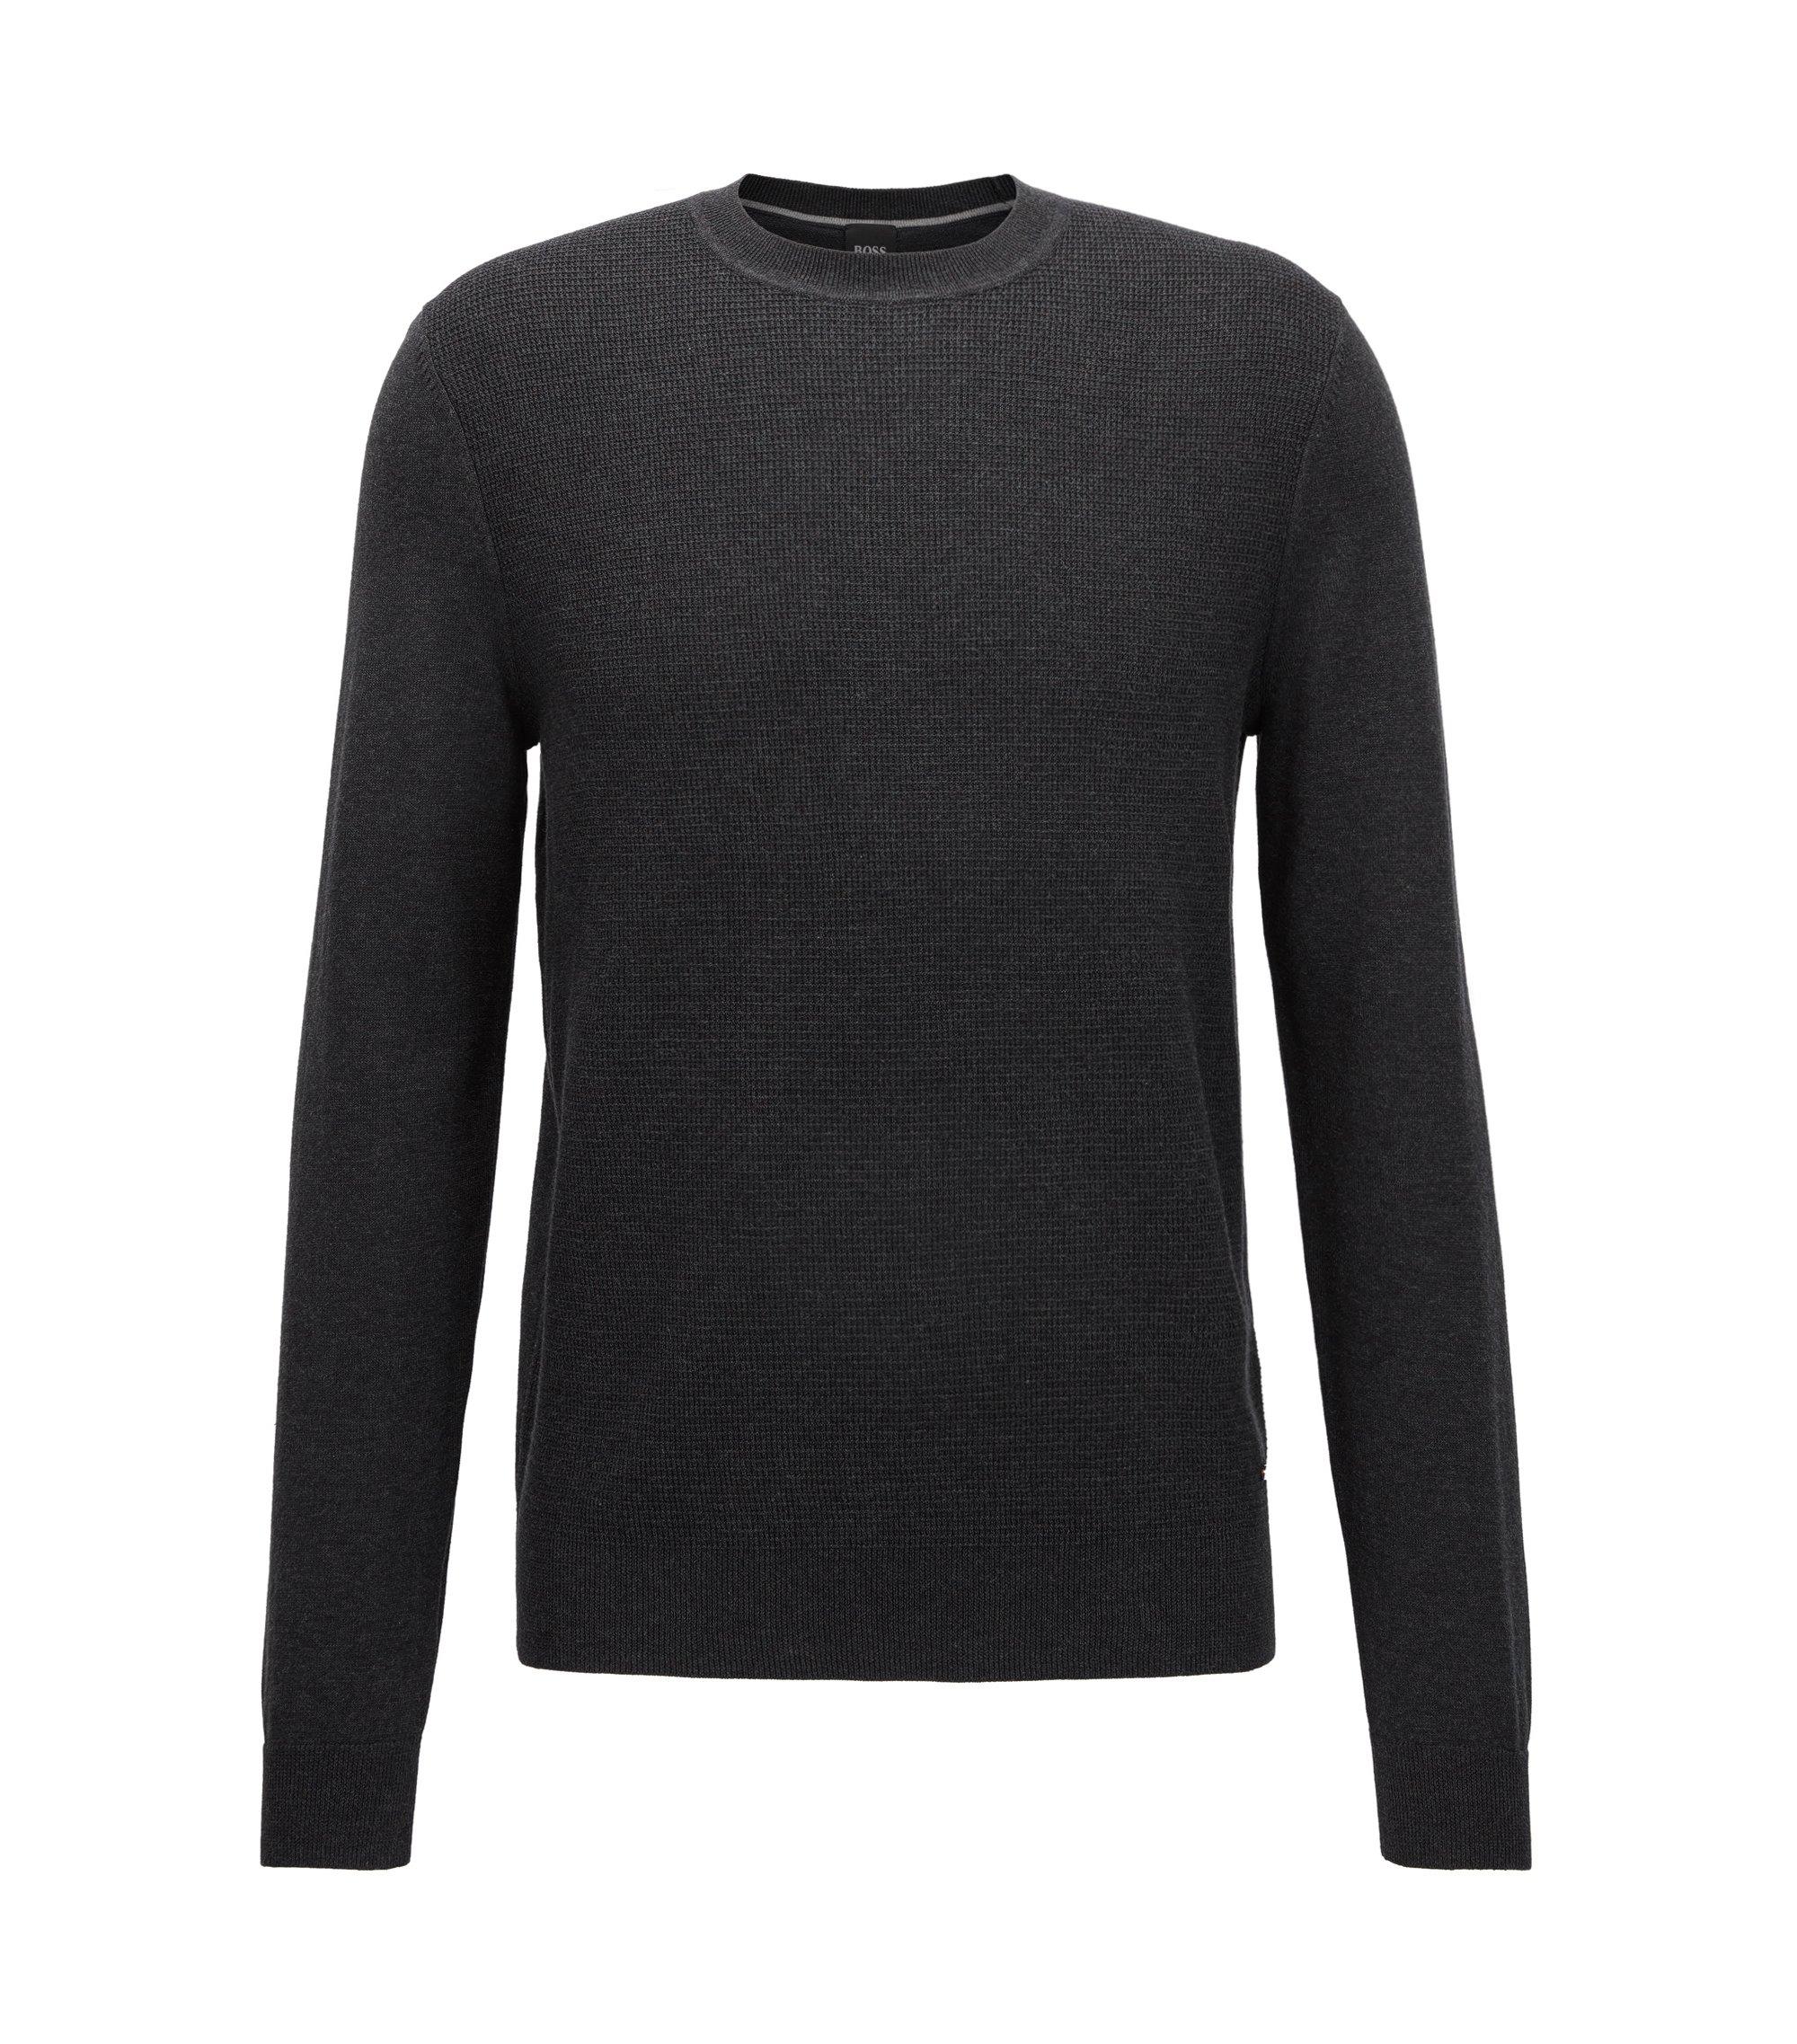 Pullover aus Baumwolle mit strukturierter Vorderseite, Schwarz